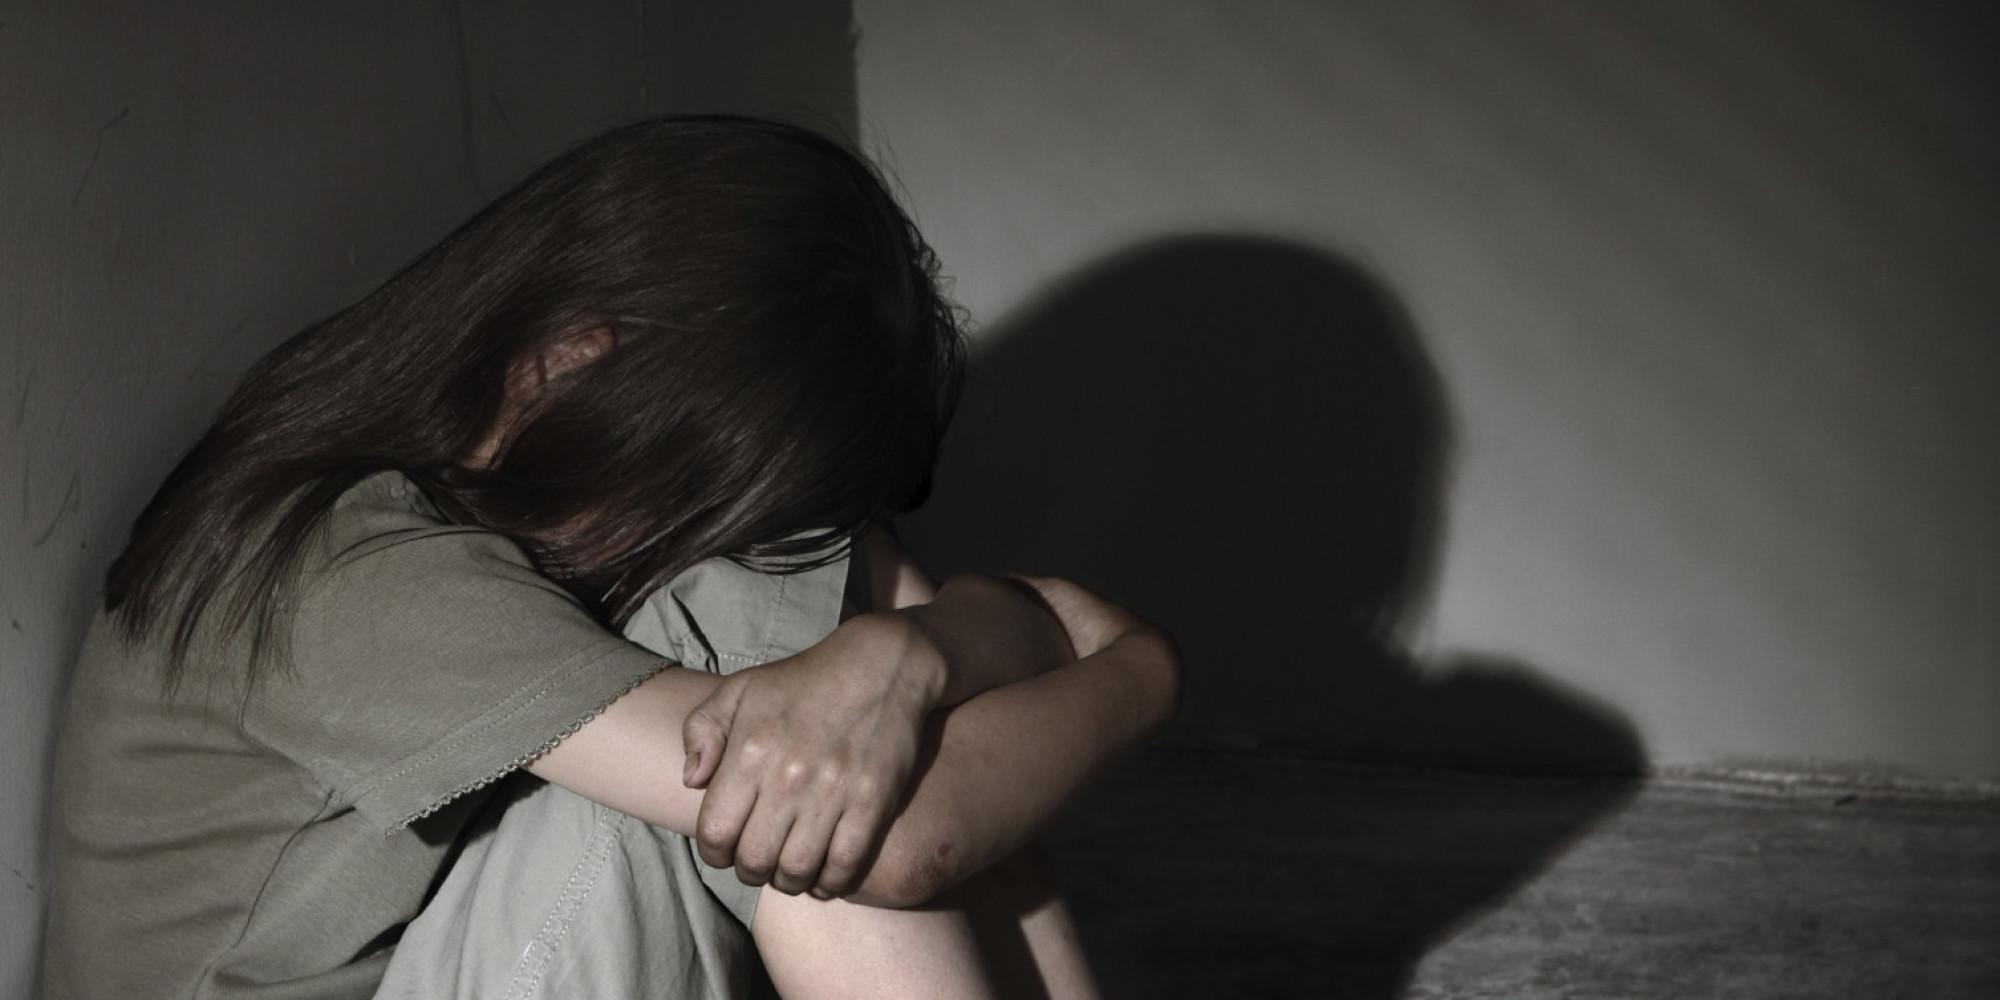 В Севастополе местный житель едва не изнасиловал несовершеннолетнюю девушку